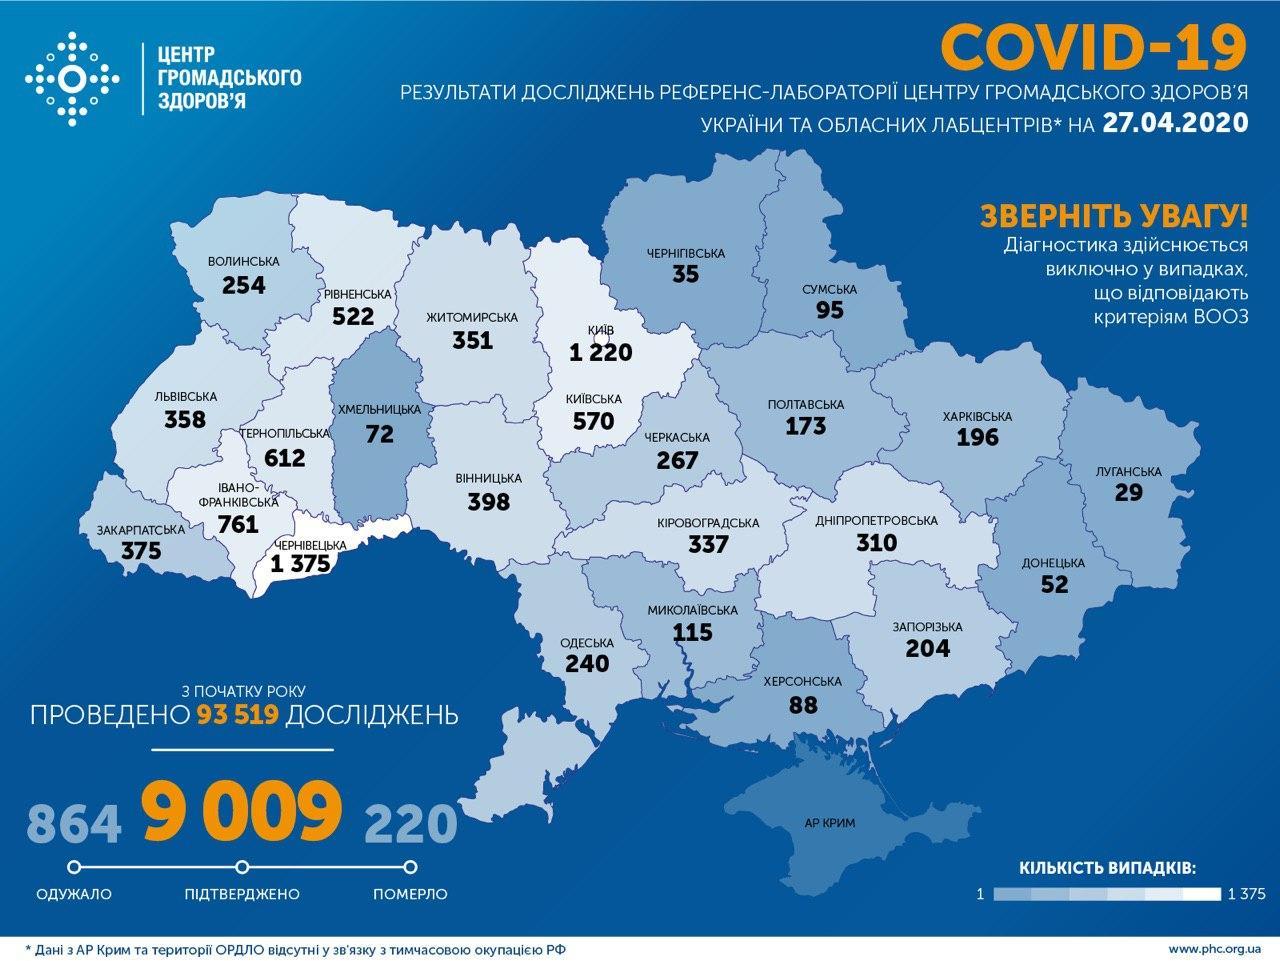 В Україні зафіксовано 9009 випадків COVID-19, померли 220 людей